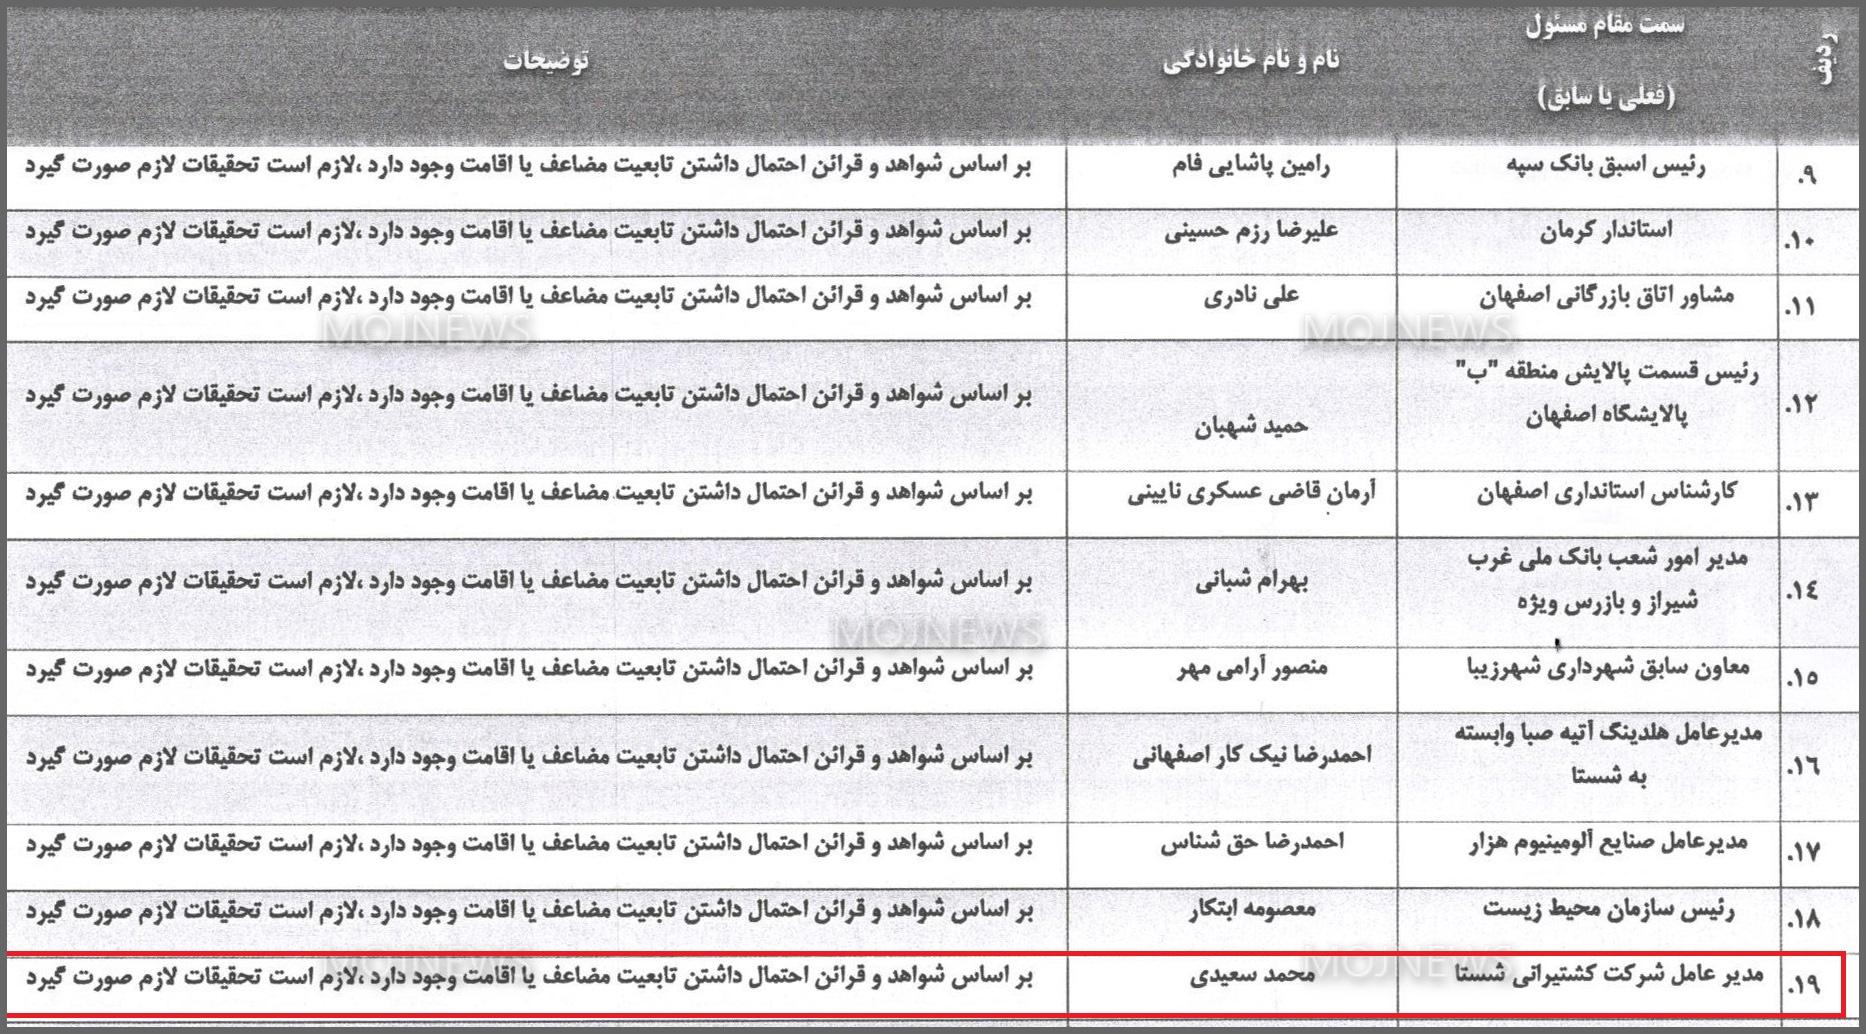 بازداشت محمد سعیدی